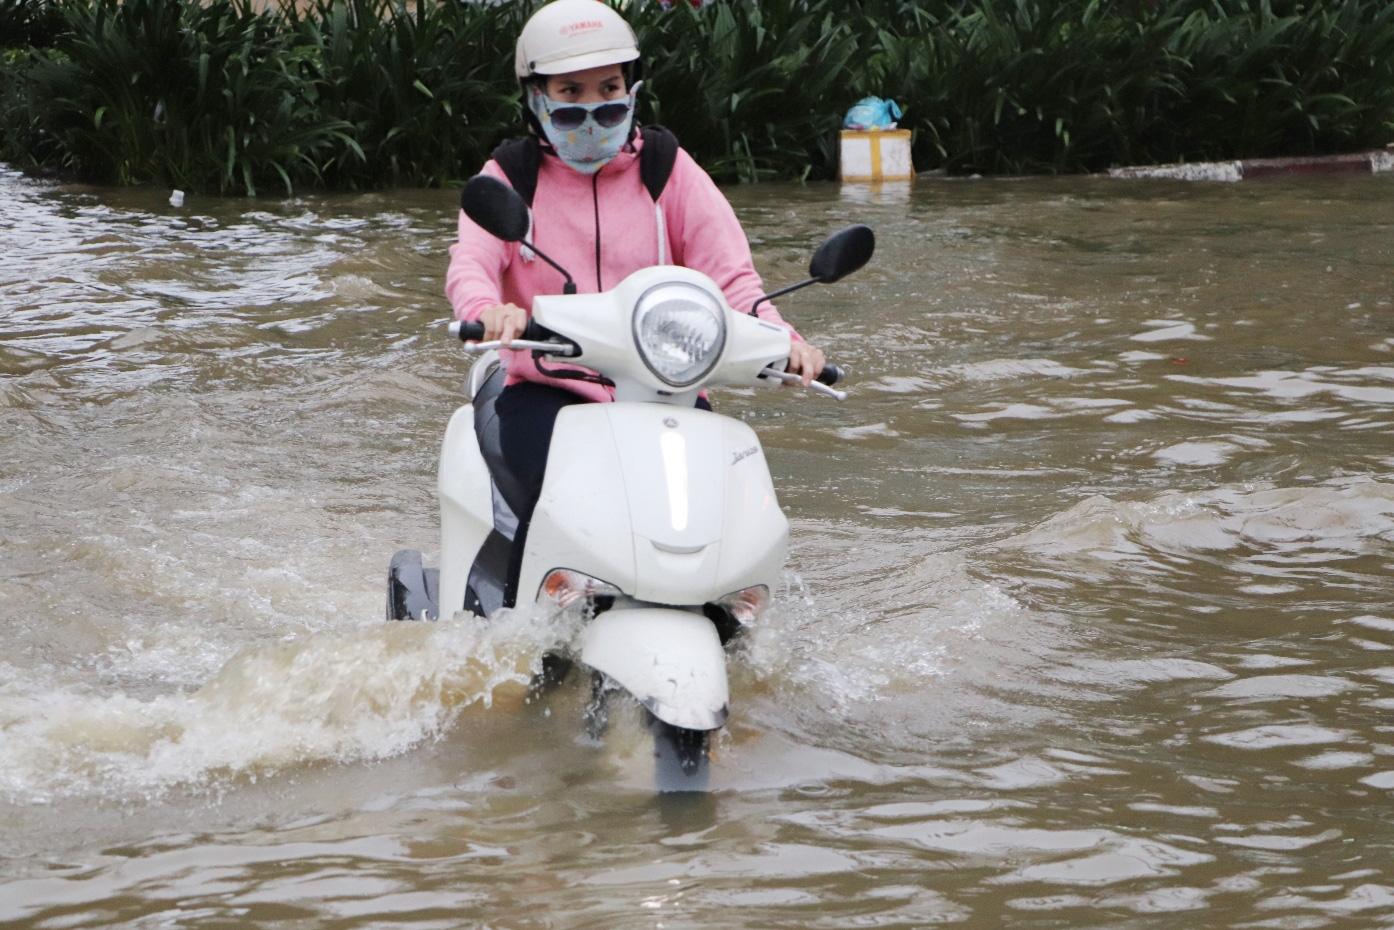 Hết dầm mưa liên tiếp, dân Sài Gòn lại khốn khổ vì triều cường đạt đỉnh, bì bõm dắt xe qua đường ngập - Ảnh 3.